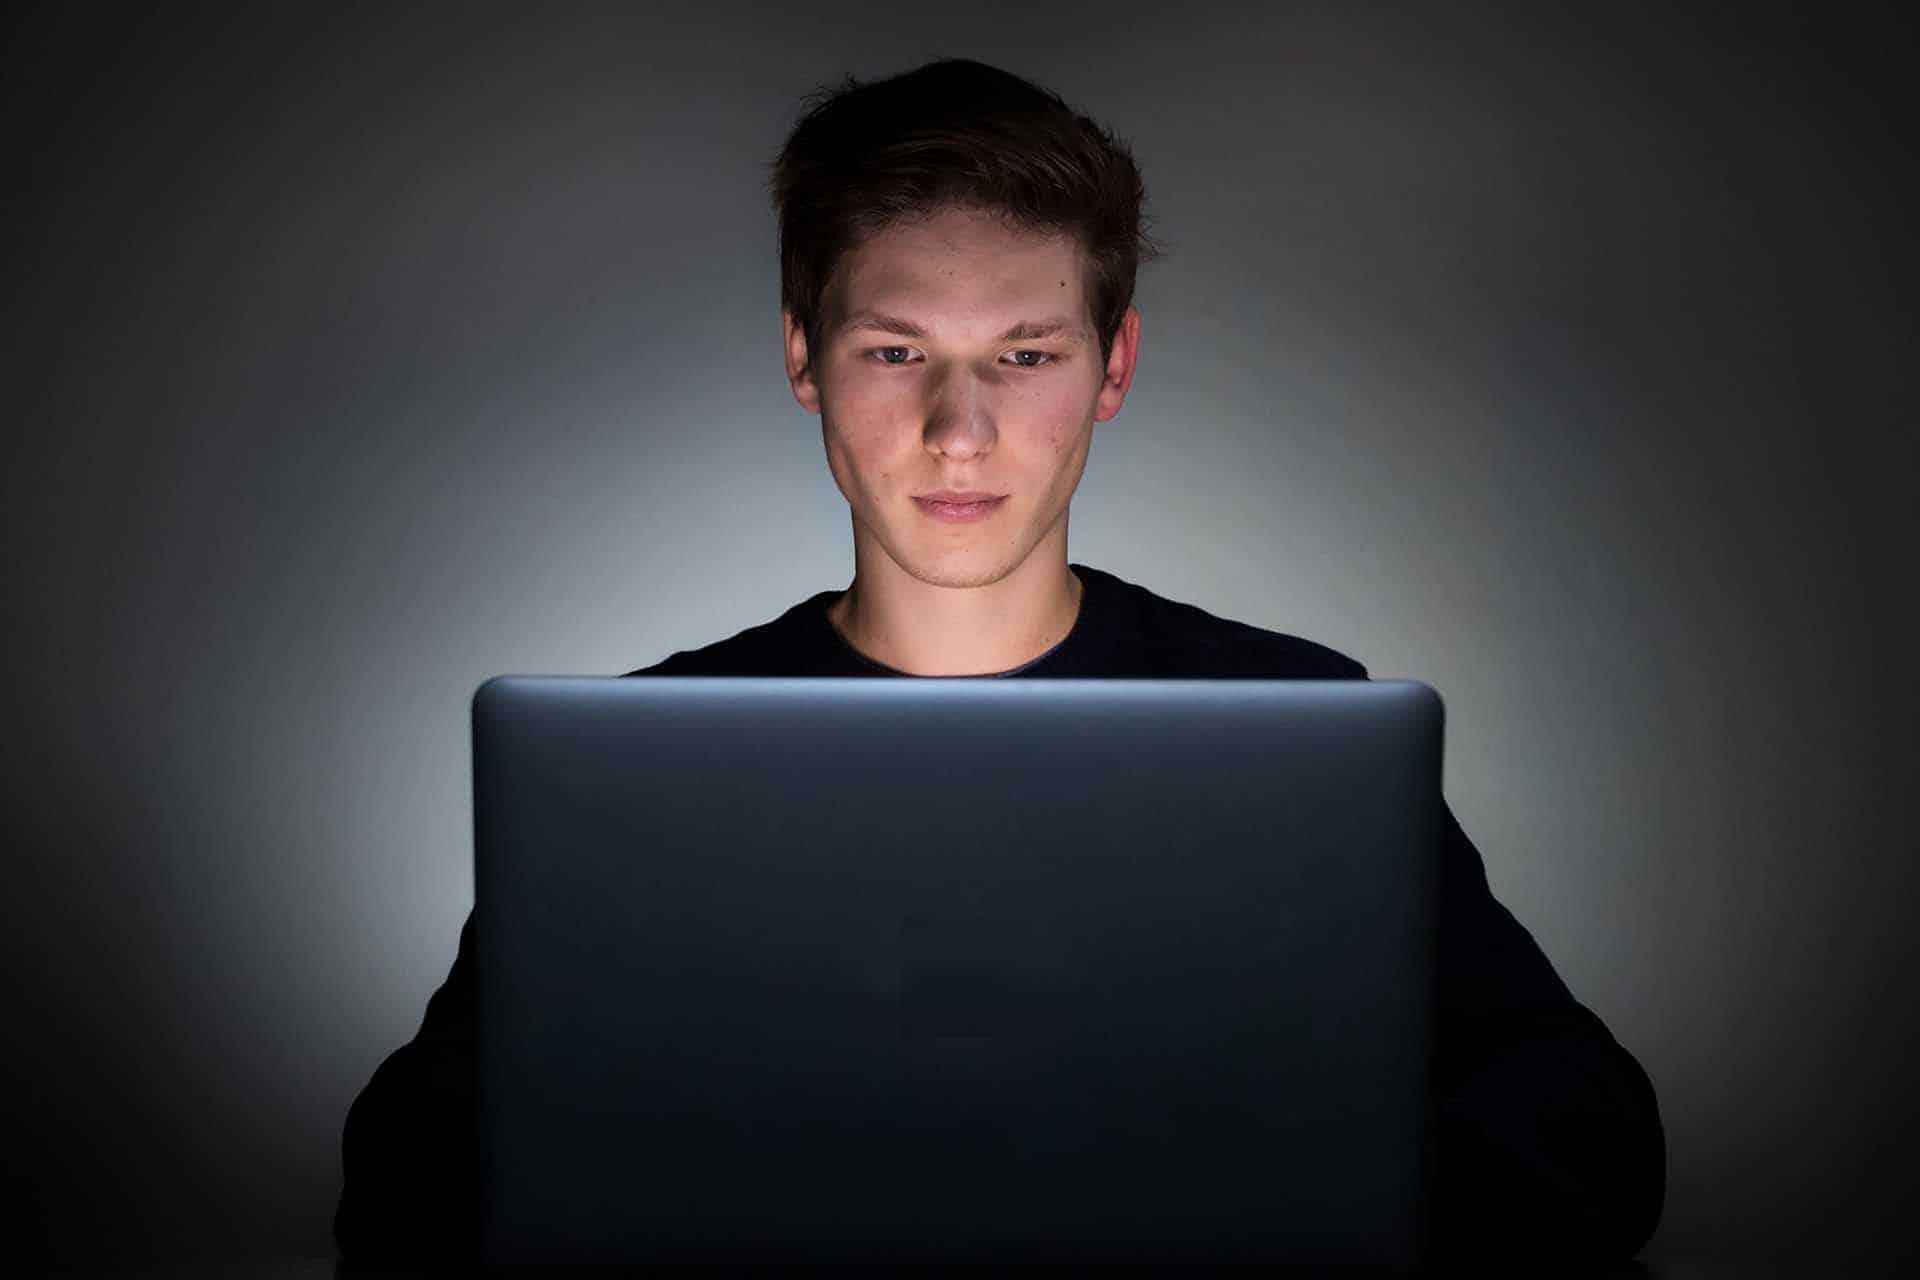 t2informatik Blog: Die Vorteile von Remote Work